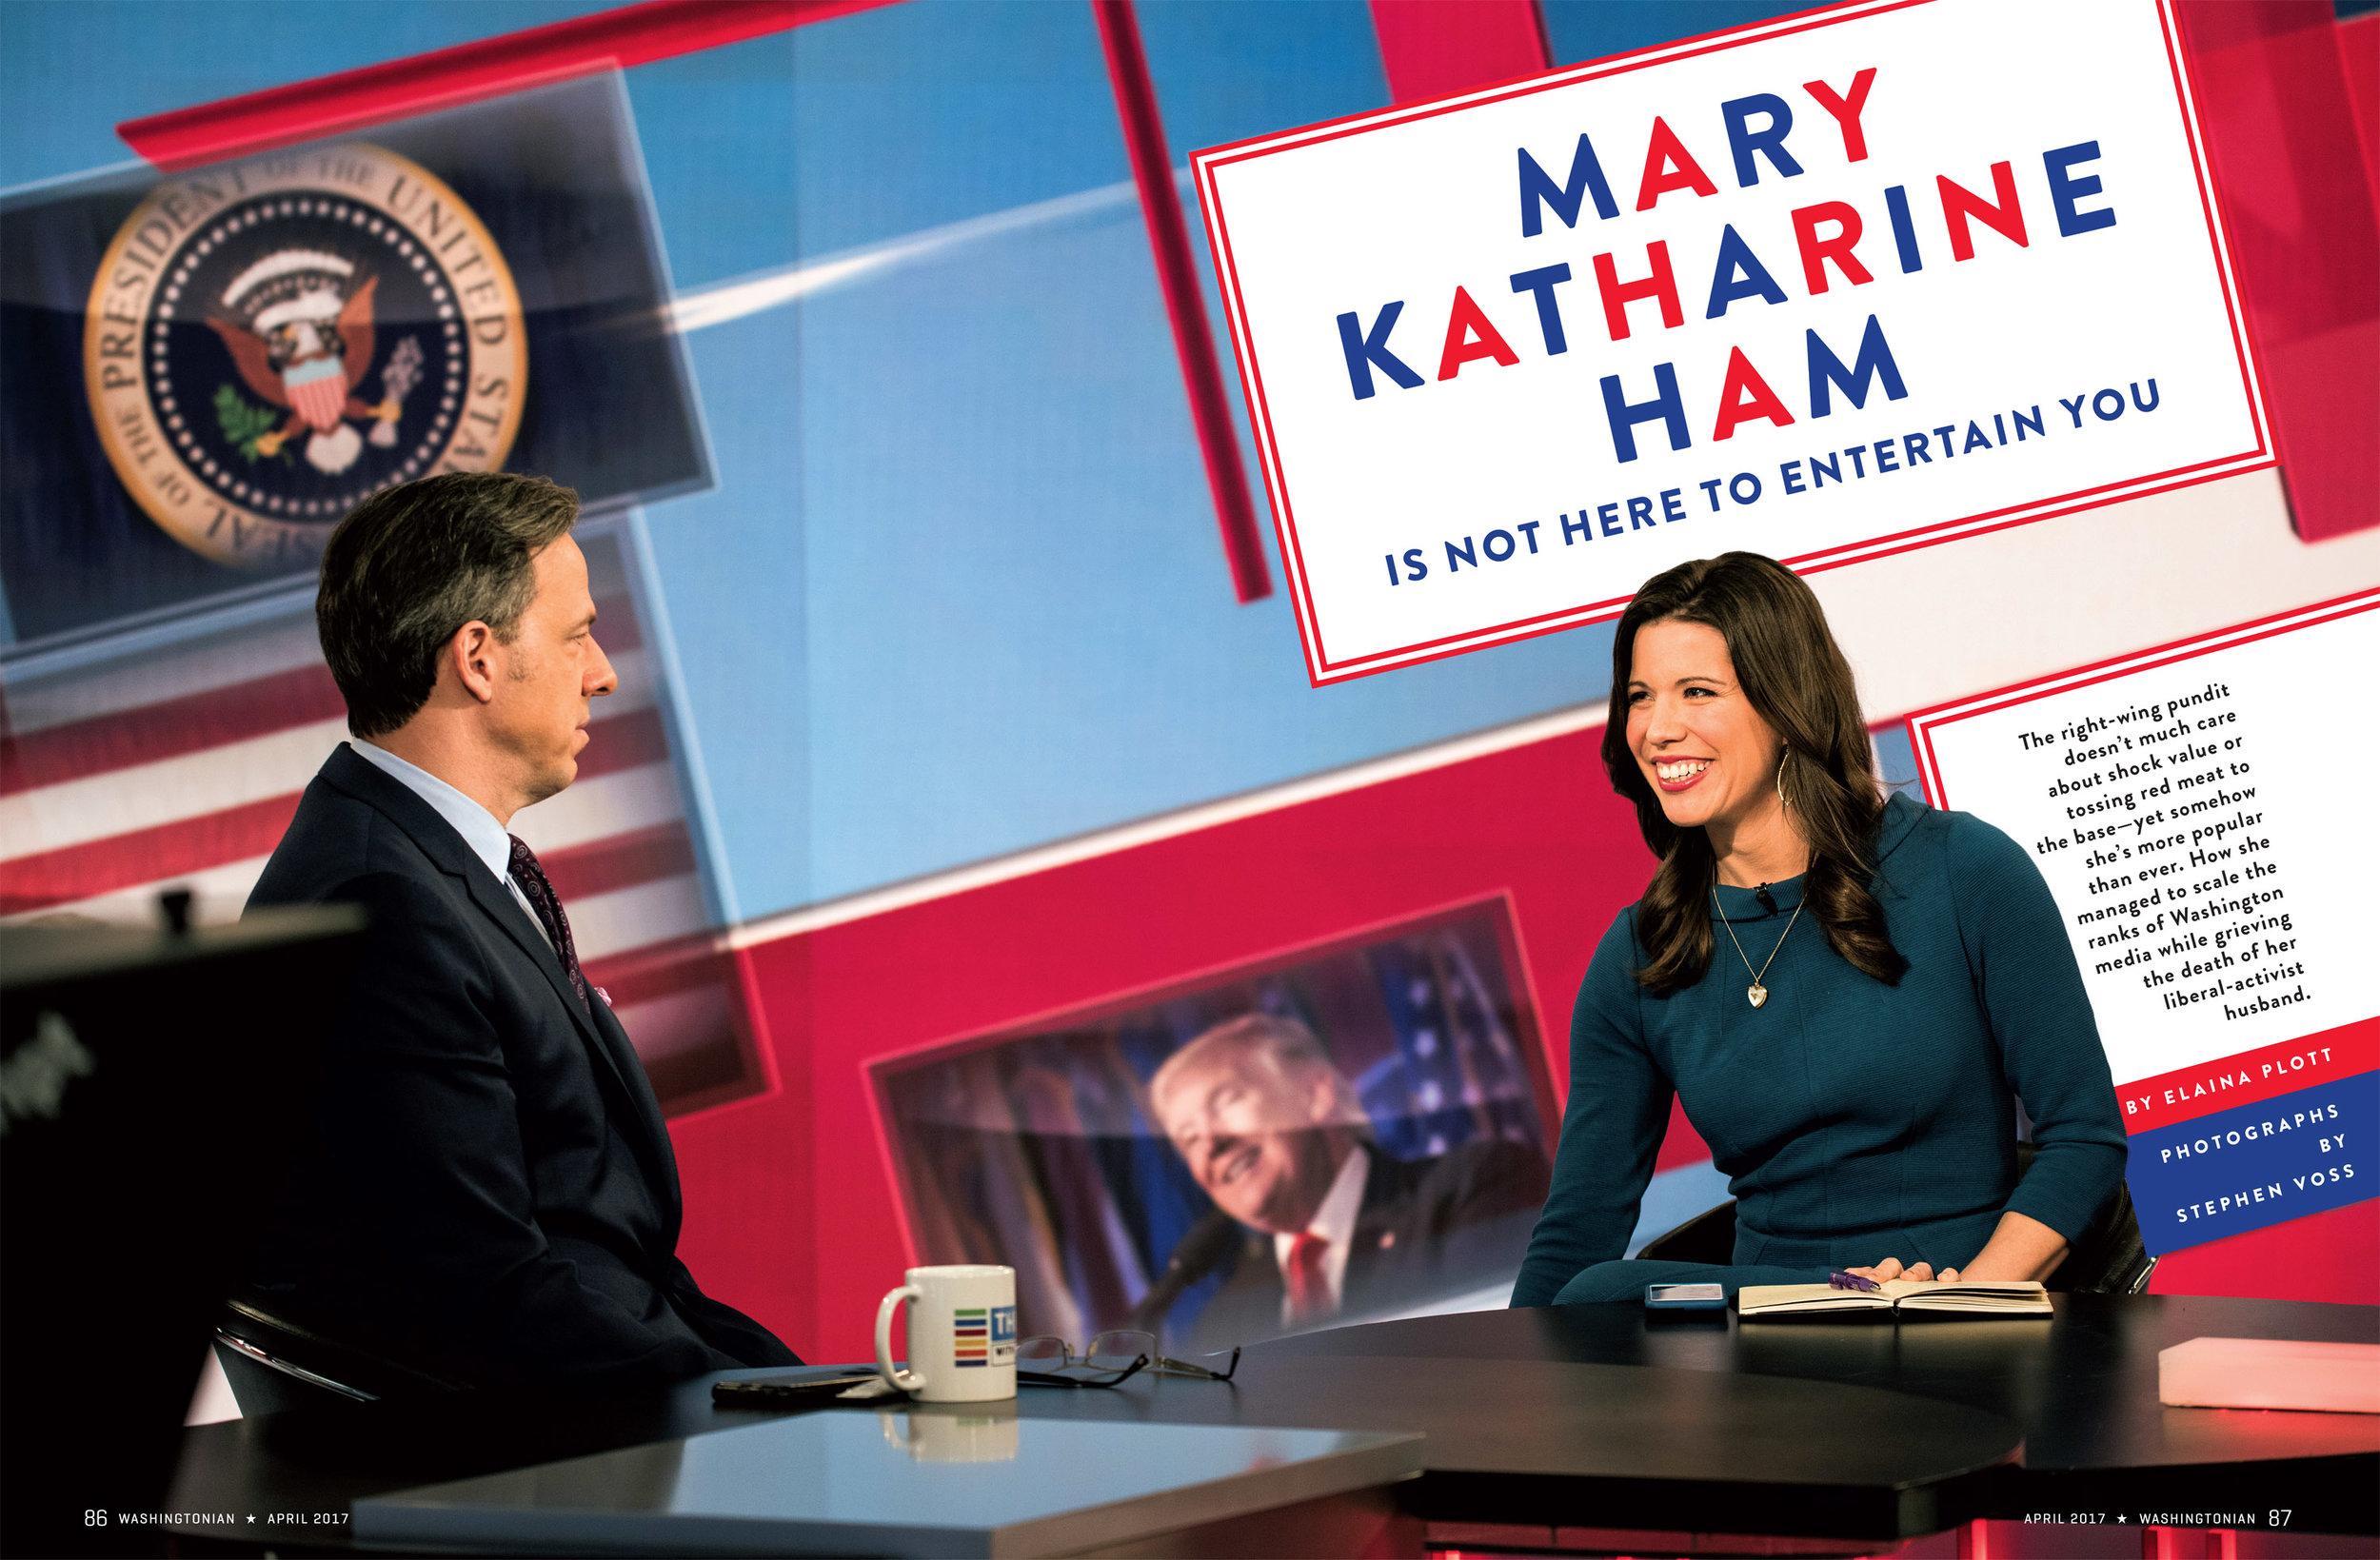 Political commentator MaryKatharine Ham for Washingtonian